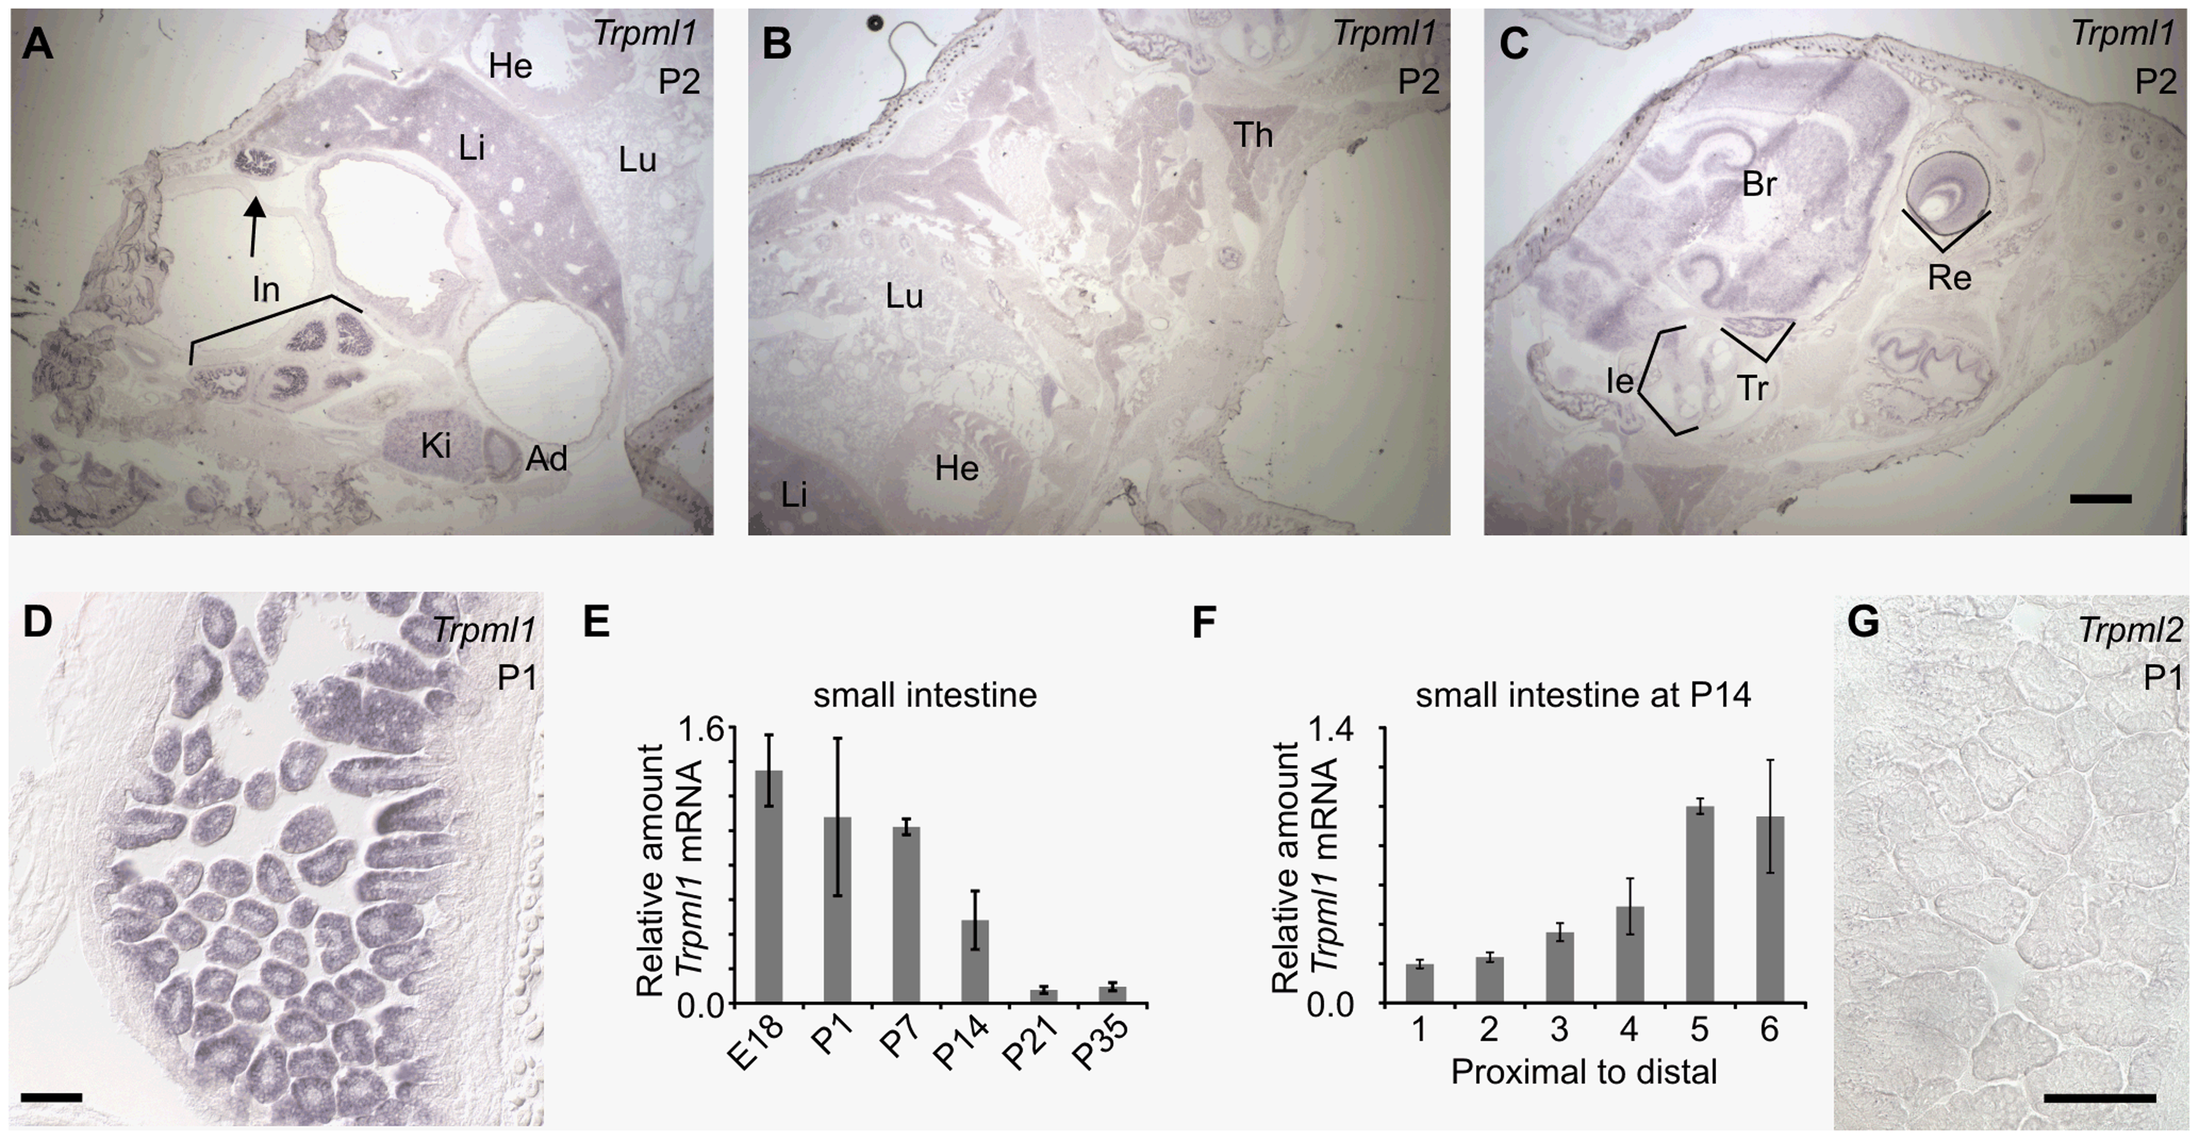 Neonatal intestines upregulate mRNA levels of mucolipin 1 (<i>Trpml1</i>), but do not express mucolipin 2 (<i>Trpml2</i>).